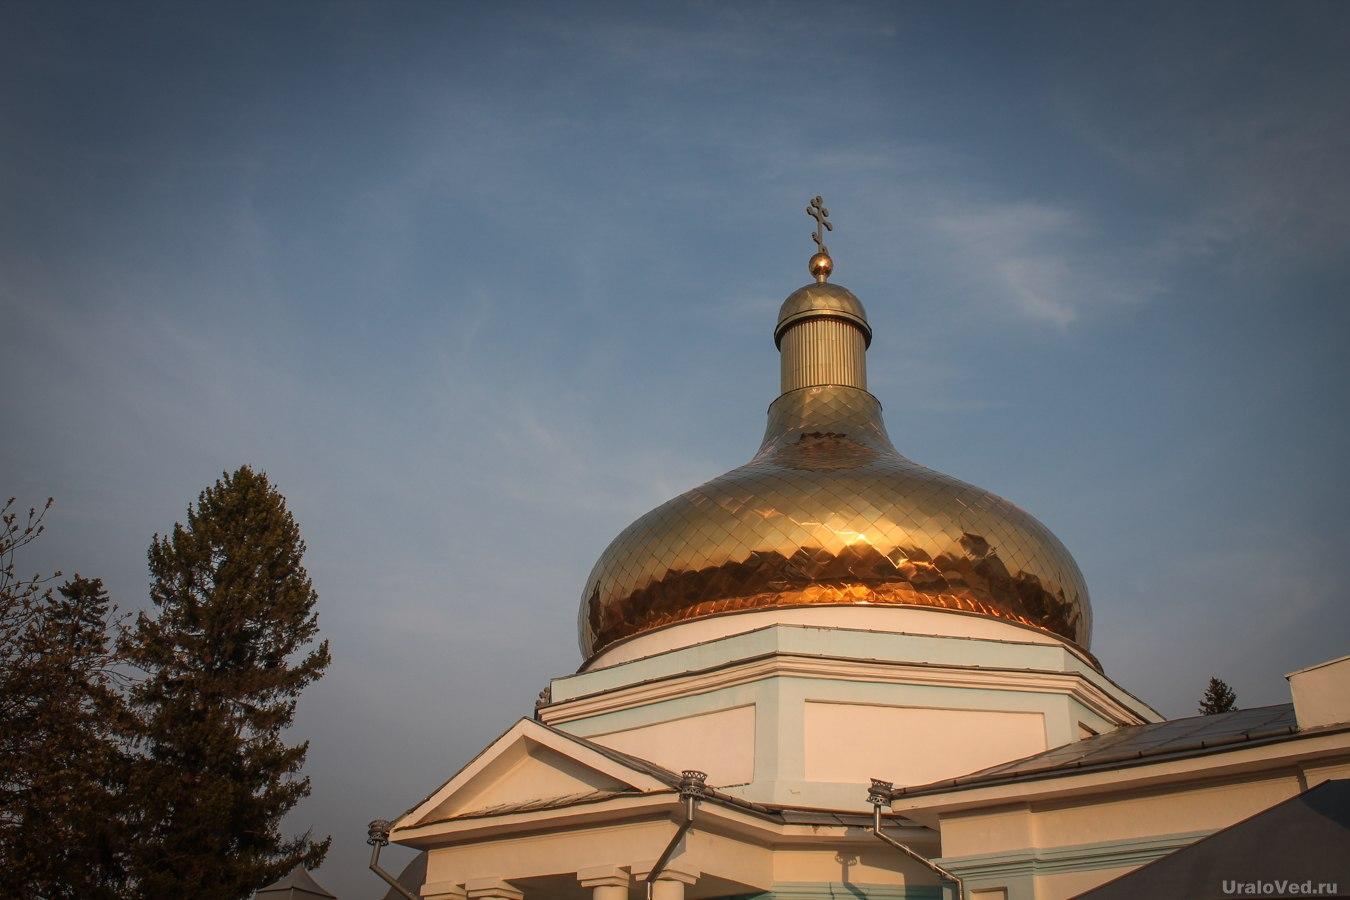 Купол церкви Петра и Павла в Талице